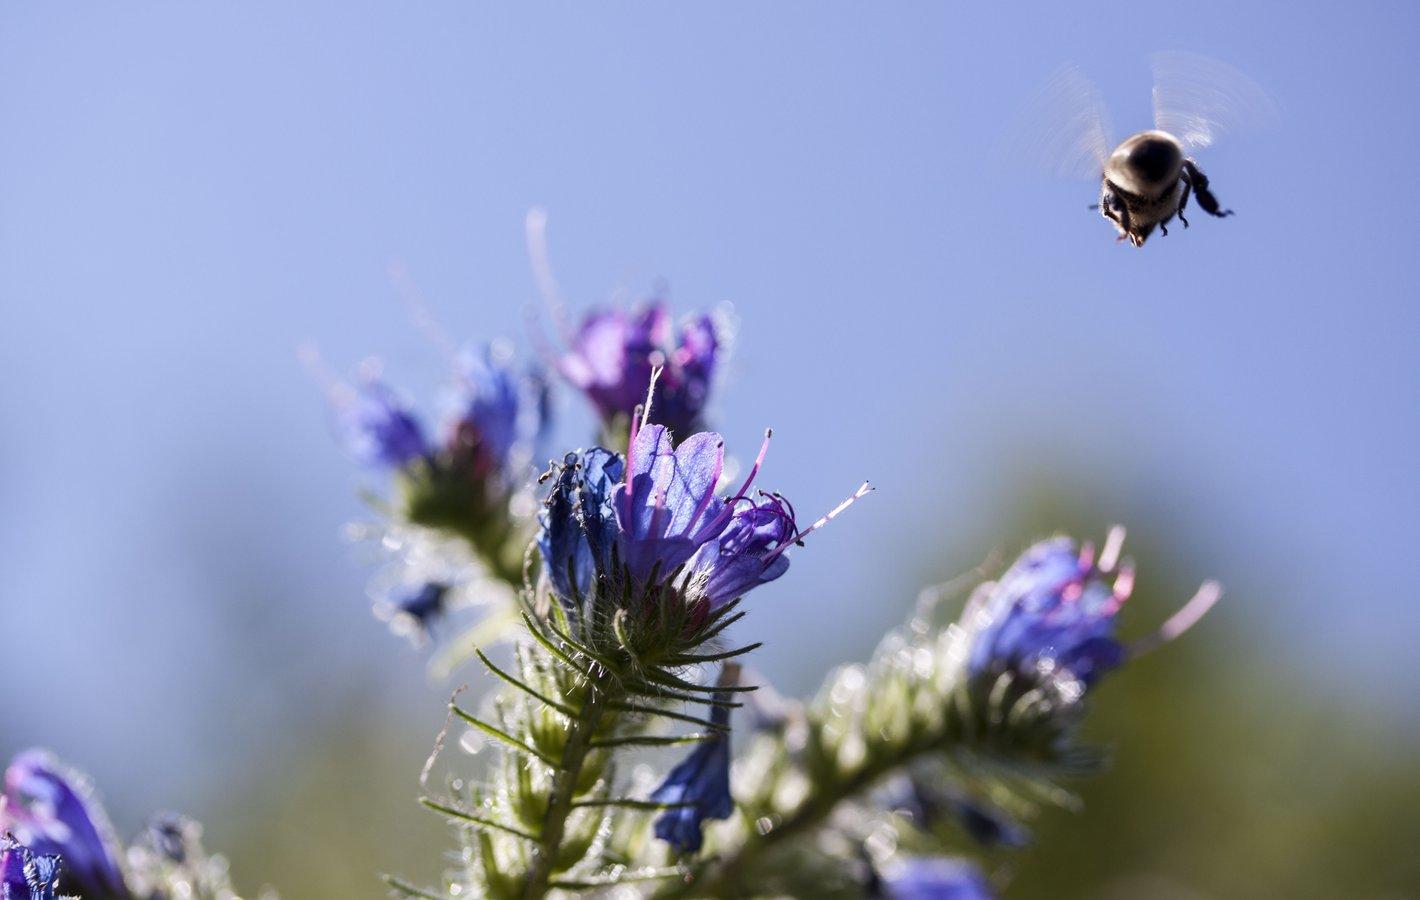 Umweltschutz_biodiversität_bild1_web